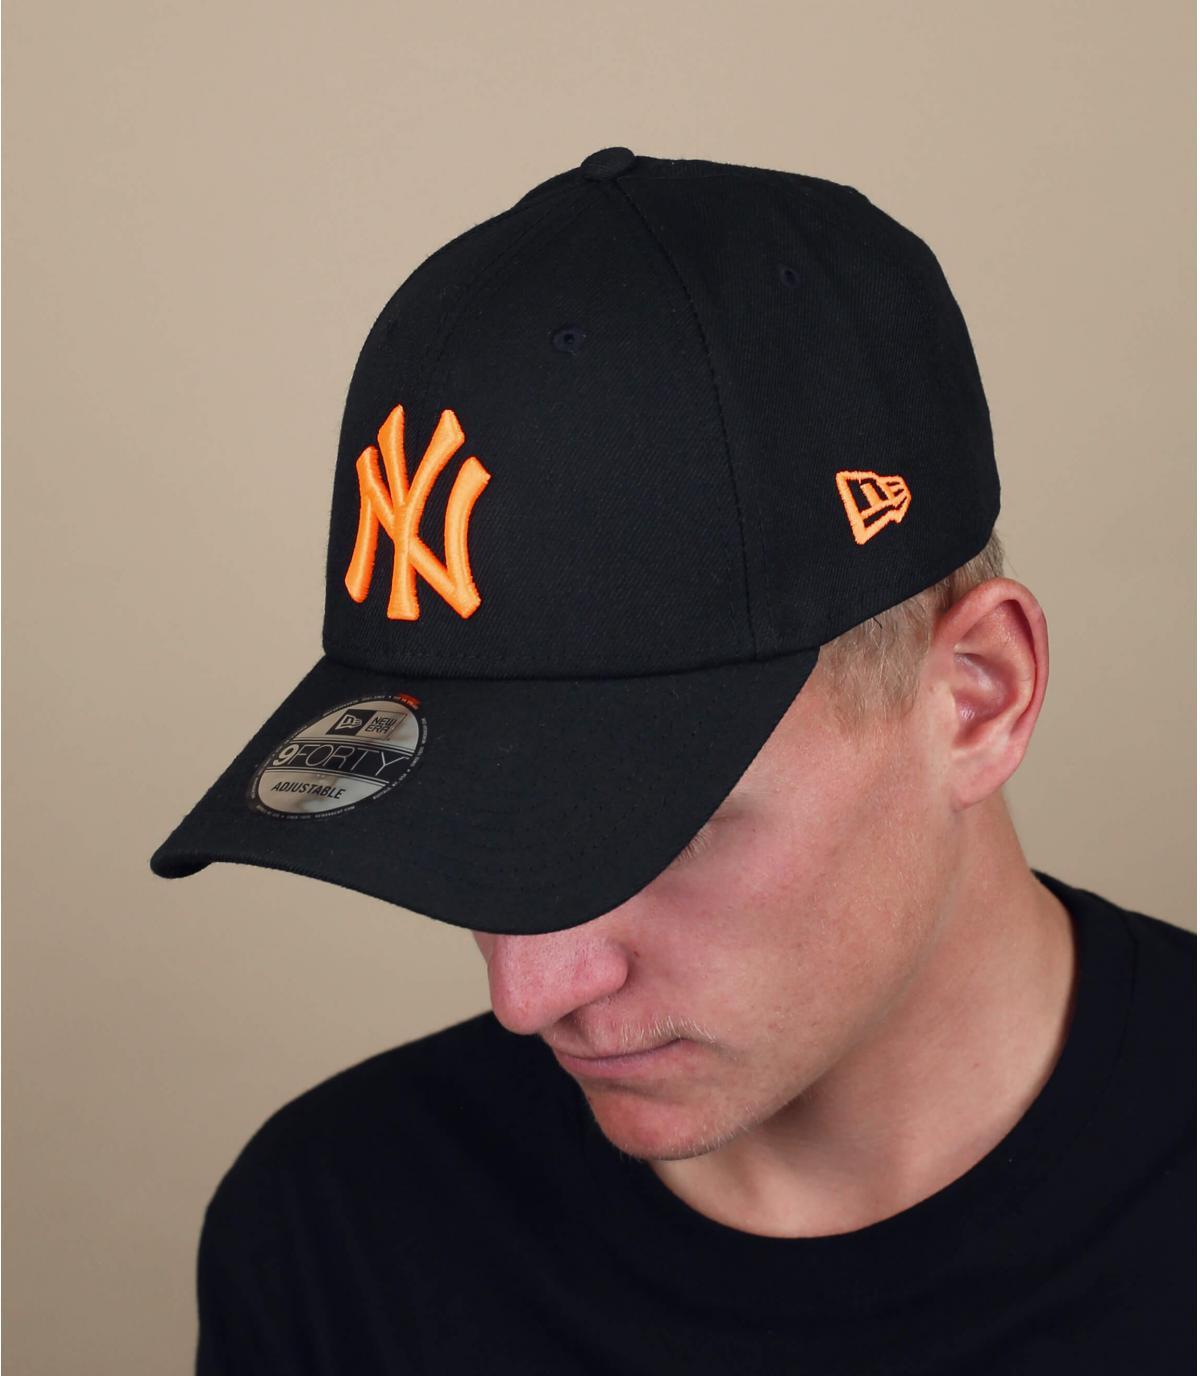 casquette NY noir orange fluo